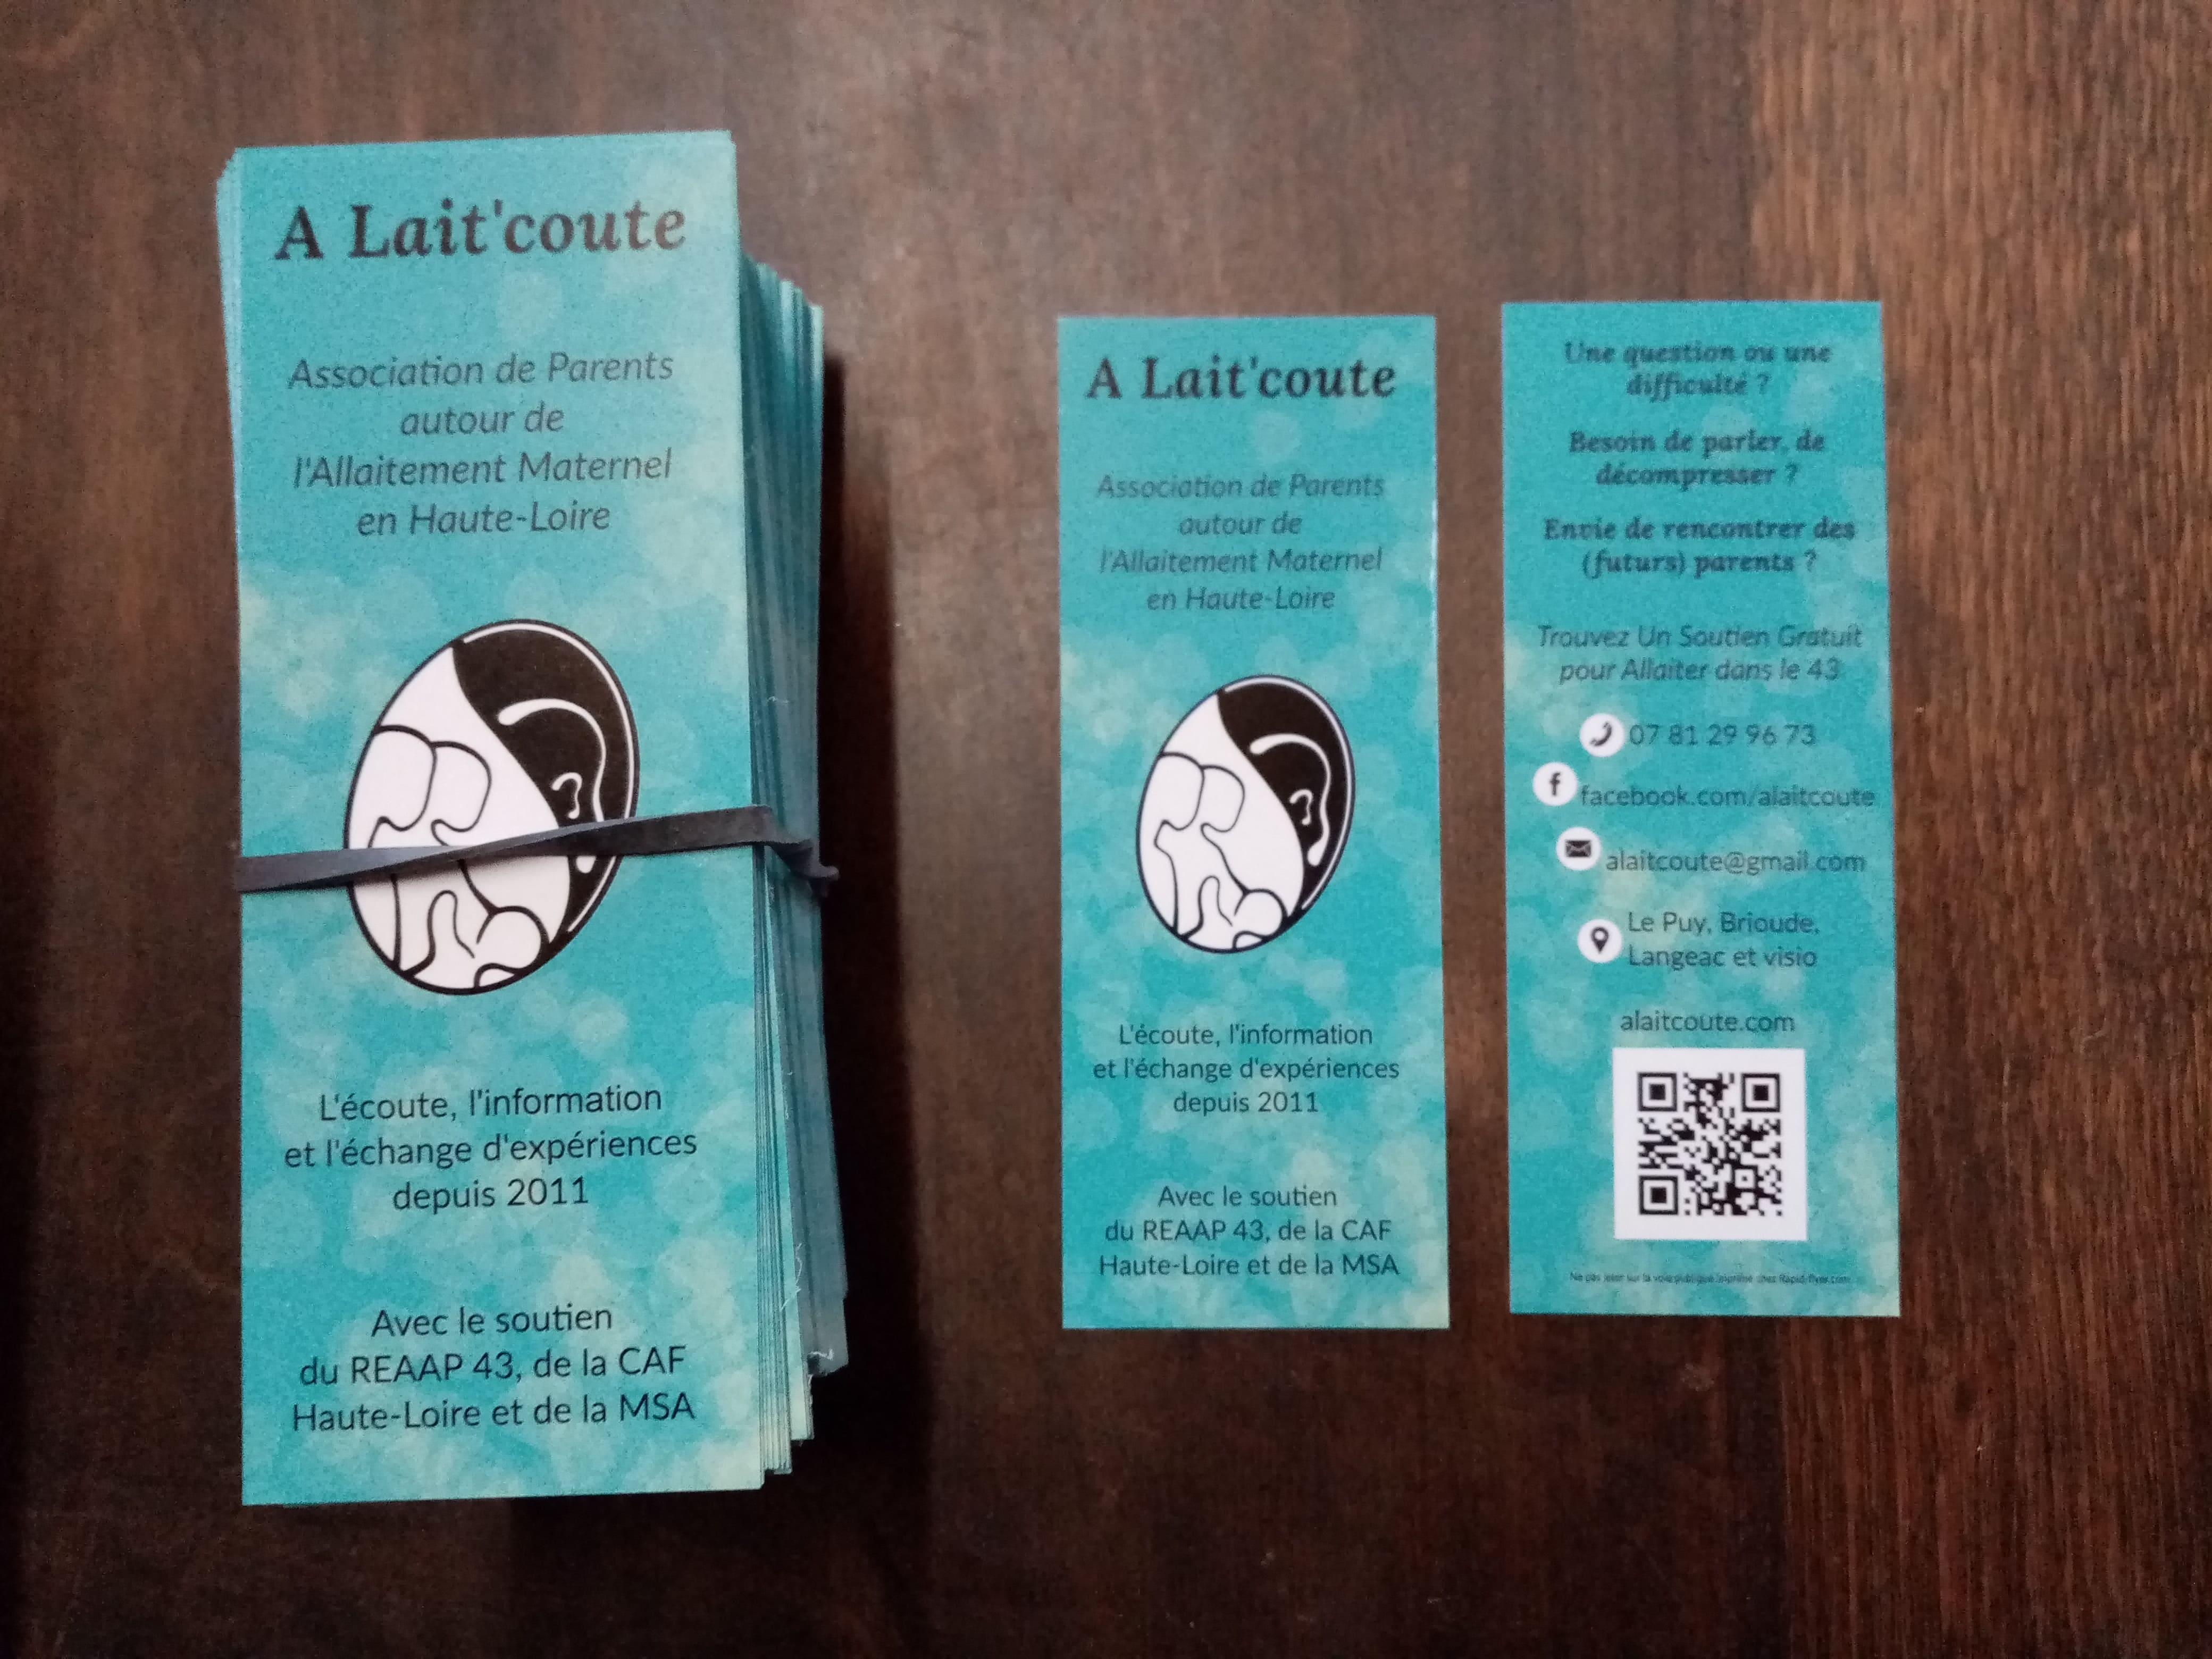 Le flyer d'A Lait'coute